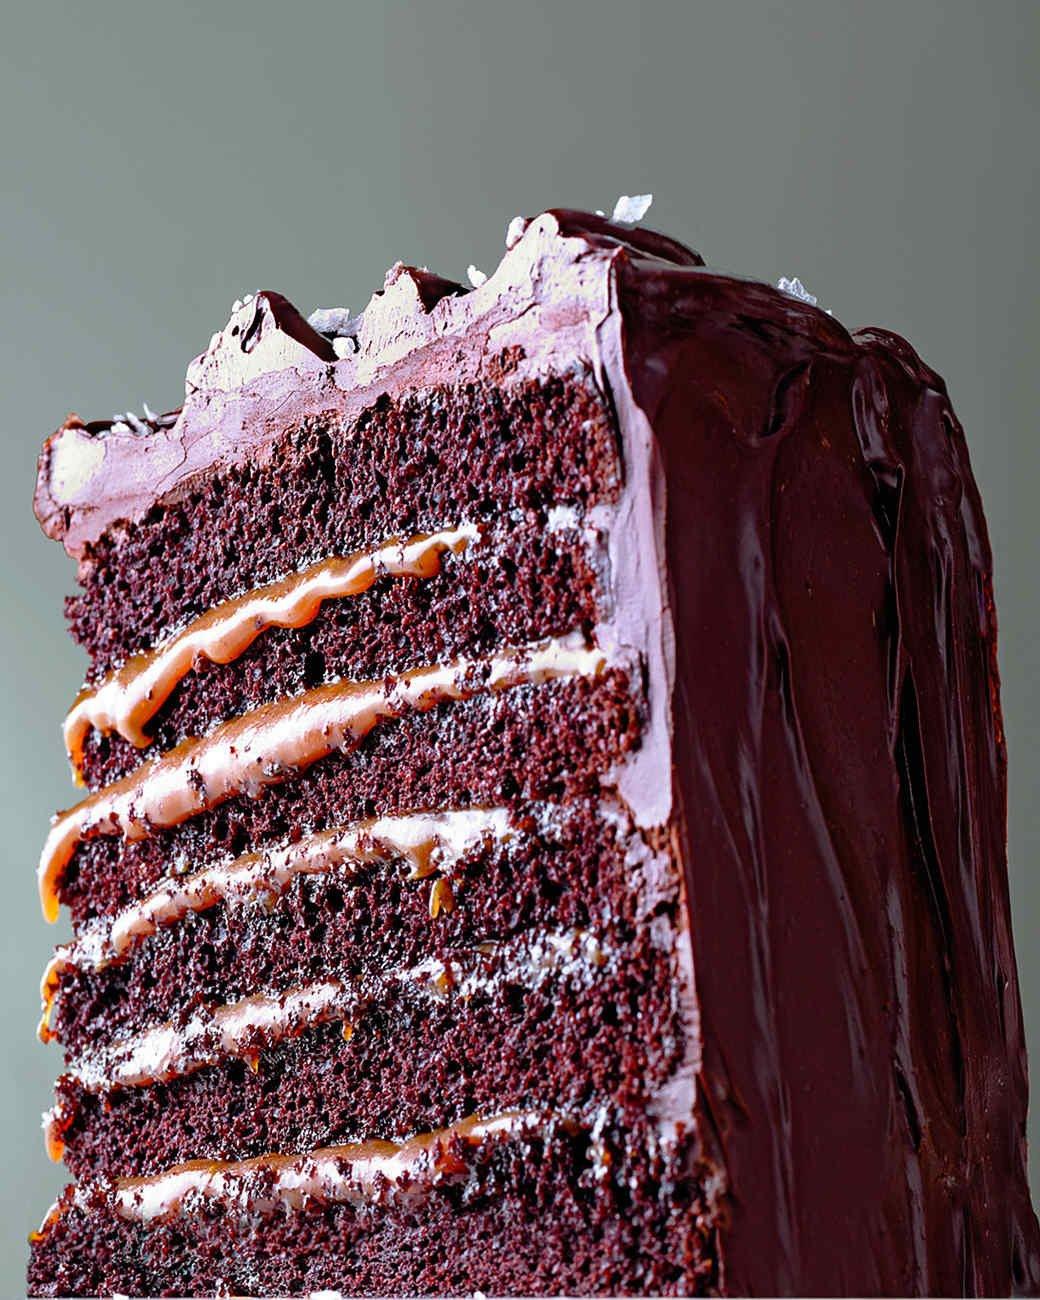 работает арт-директором торты в разрезе фото с рецептом глаз имеет большое